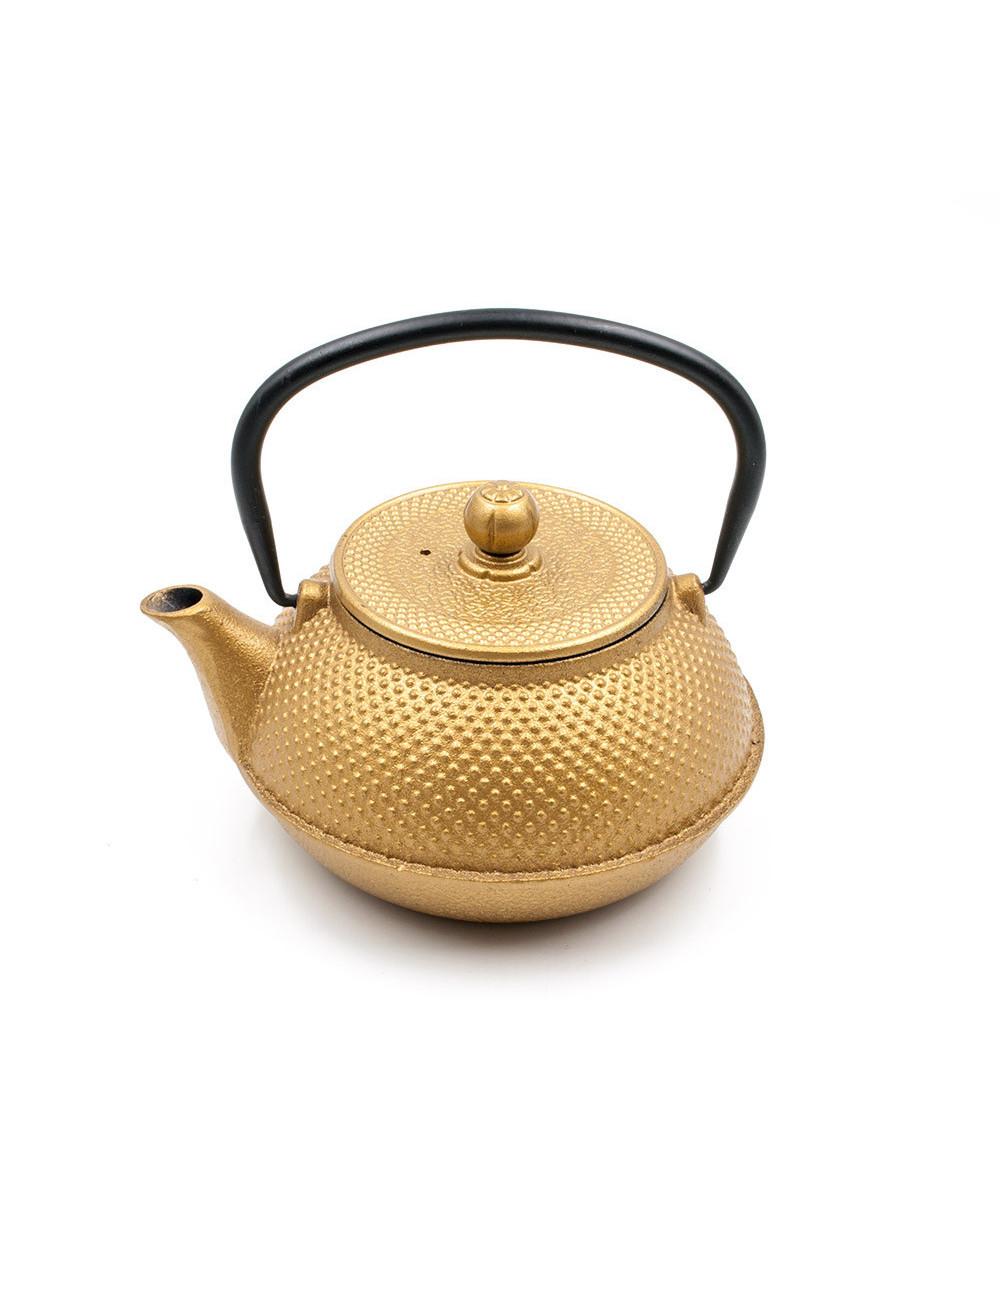 Teiera in ghisa oro brillante design giapponese - La Pianta del Tè Shop online